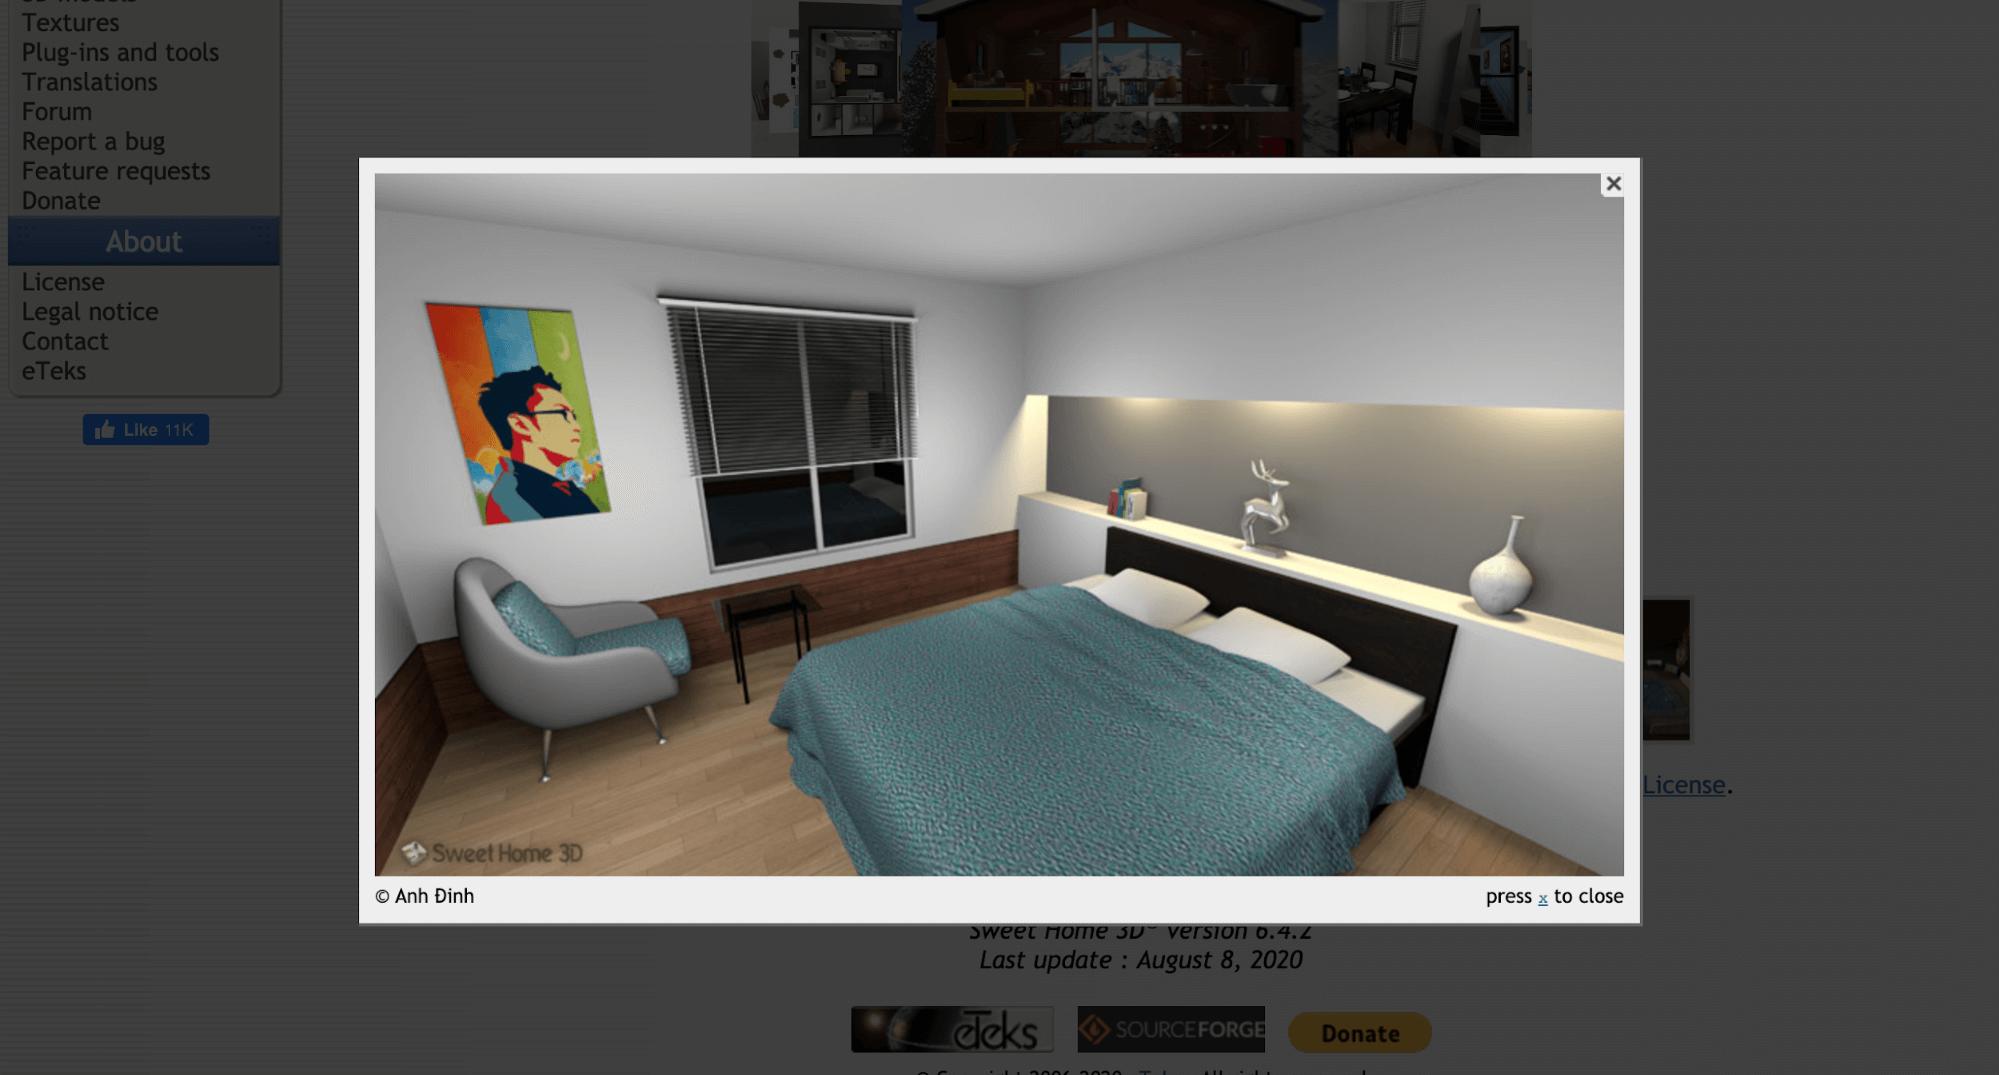 Сервис Sweet Home 3D